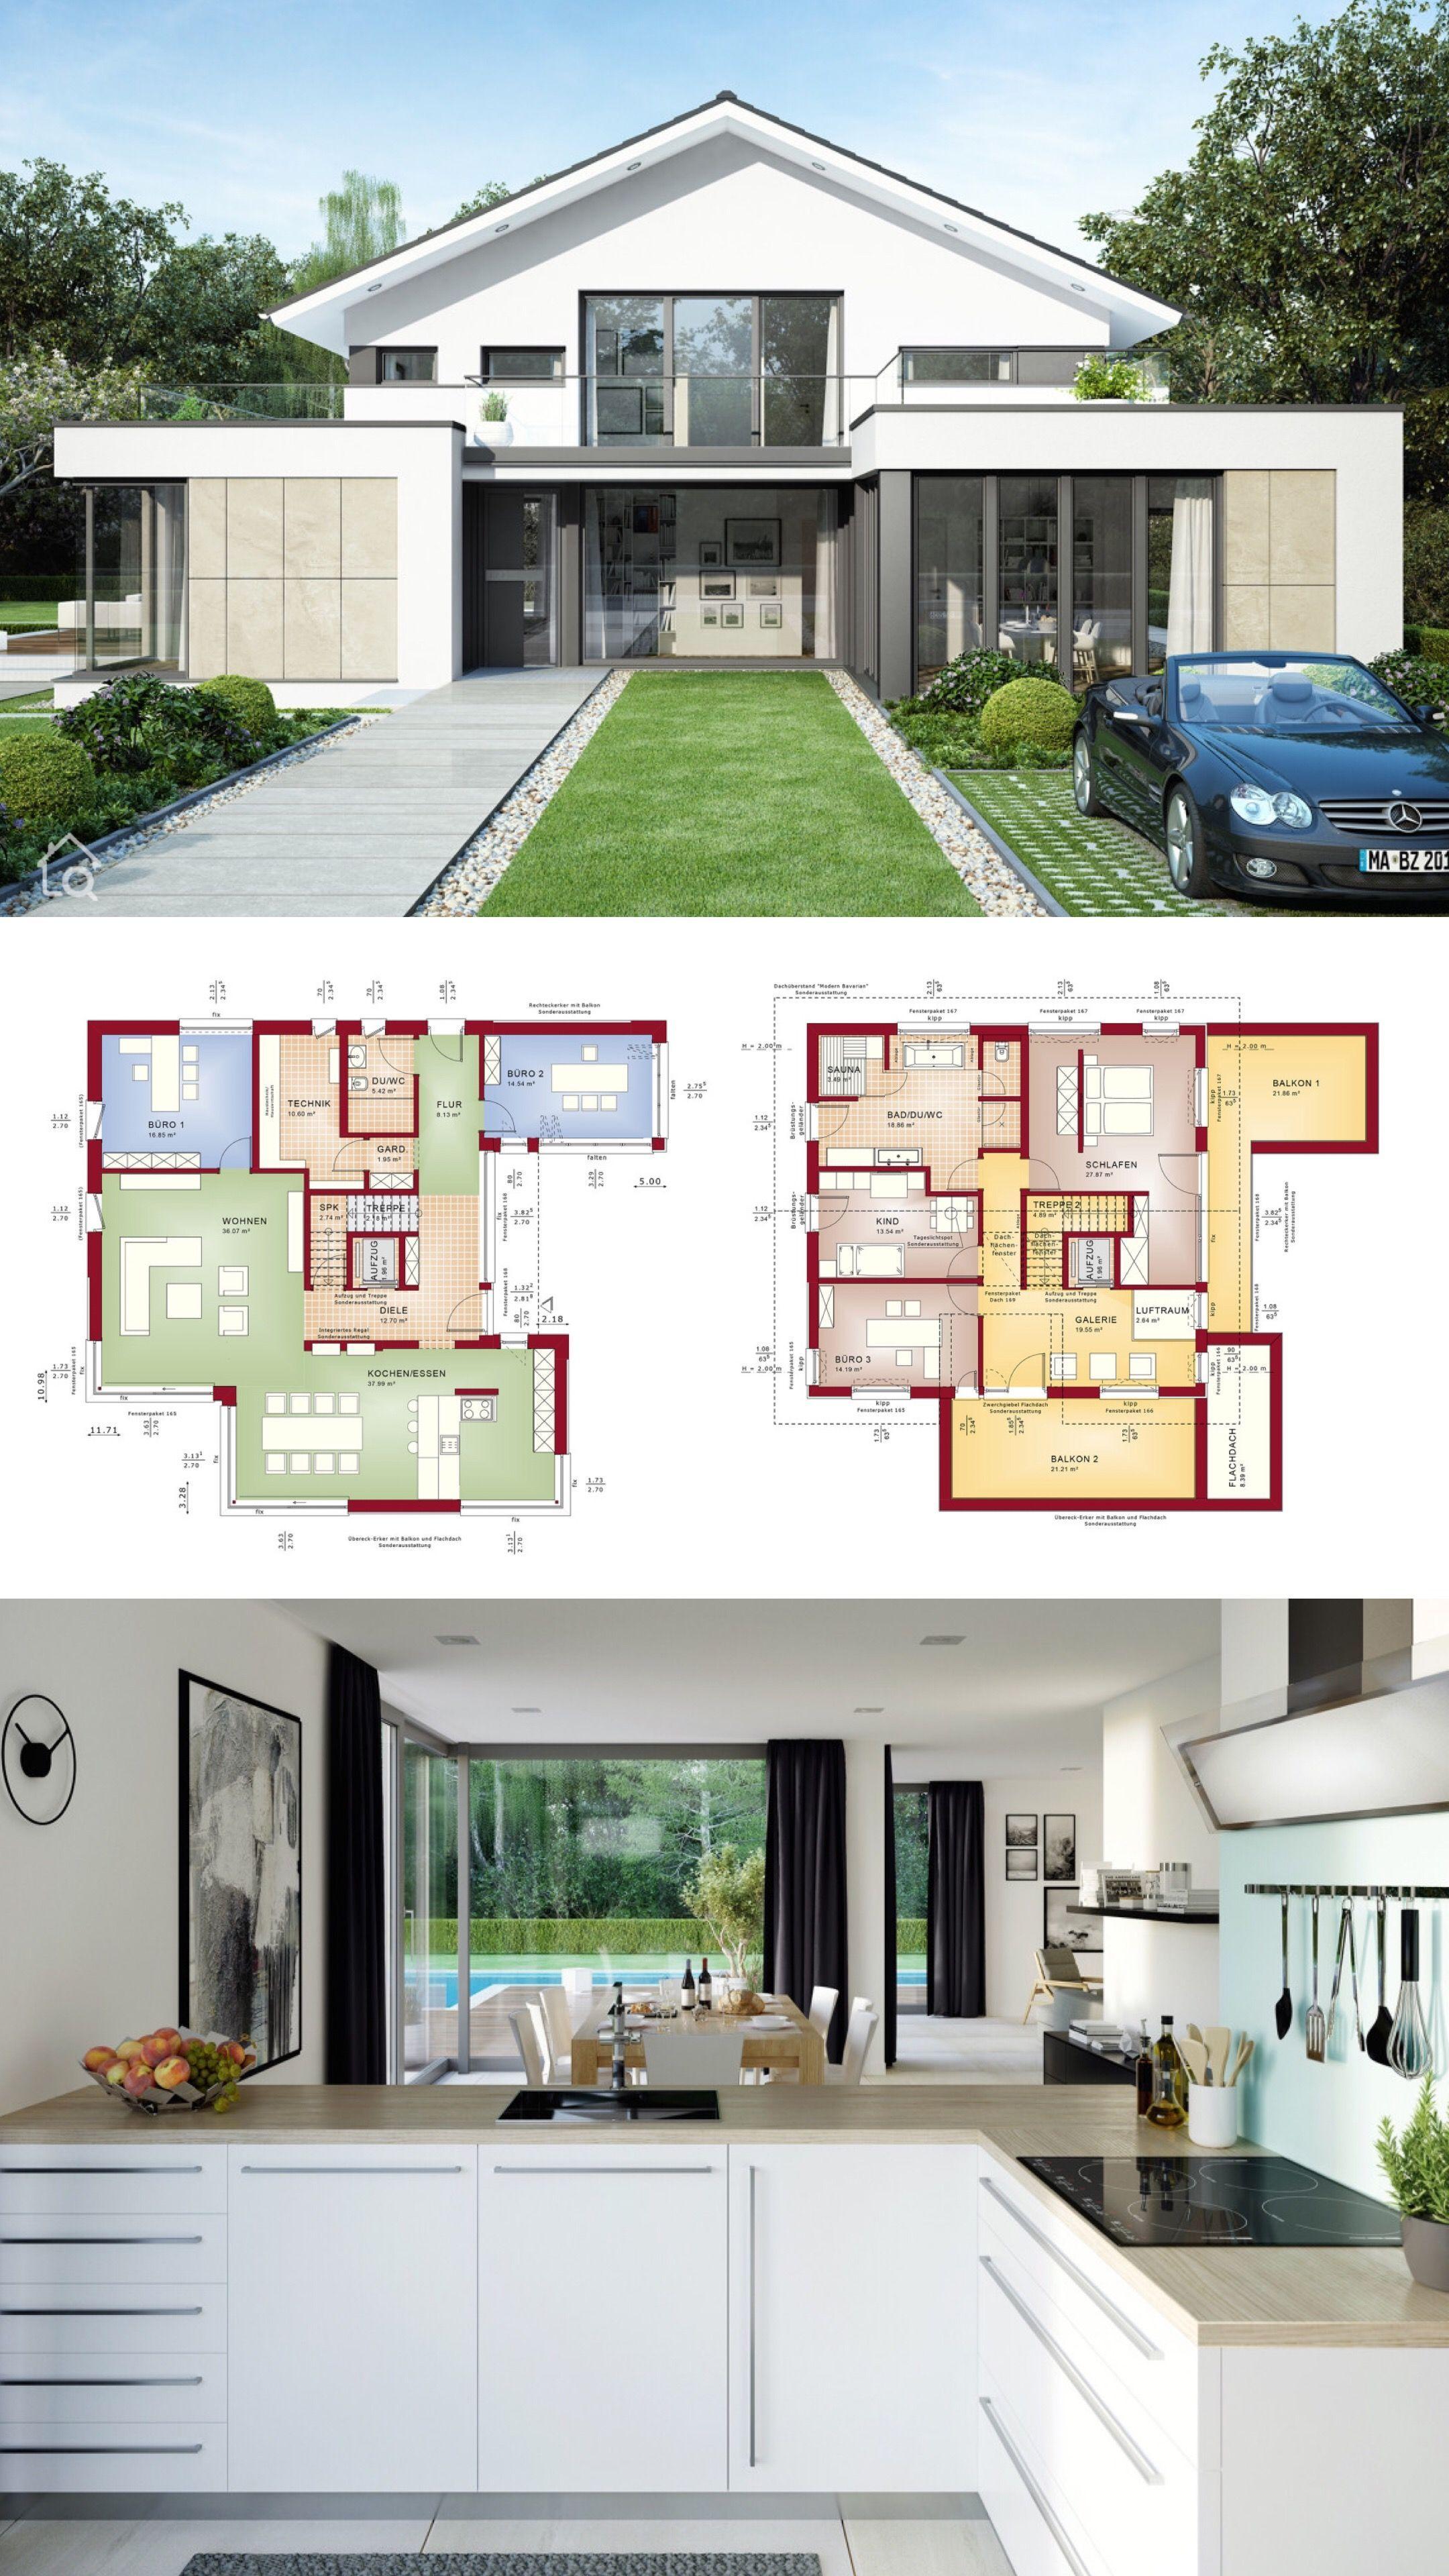 Satteldach Haus Design modern mit 6 Zimmer Grundriss